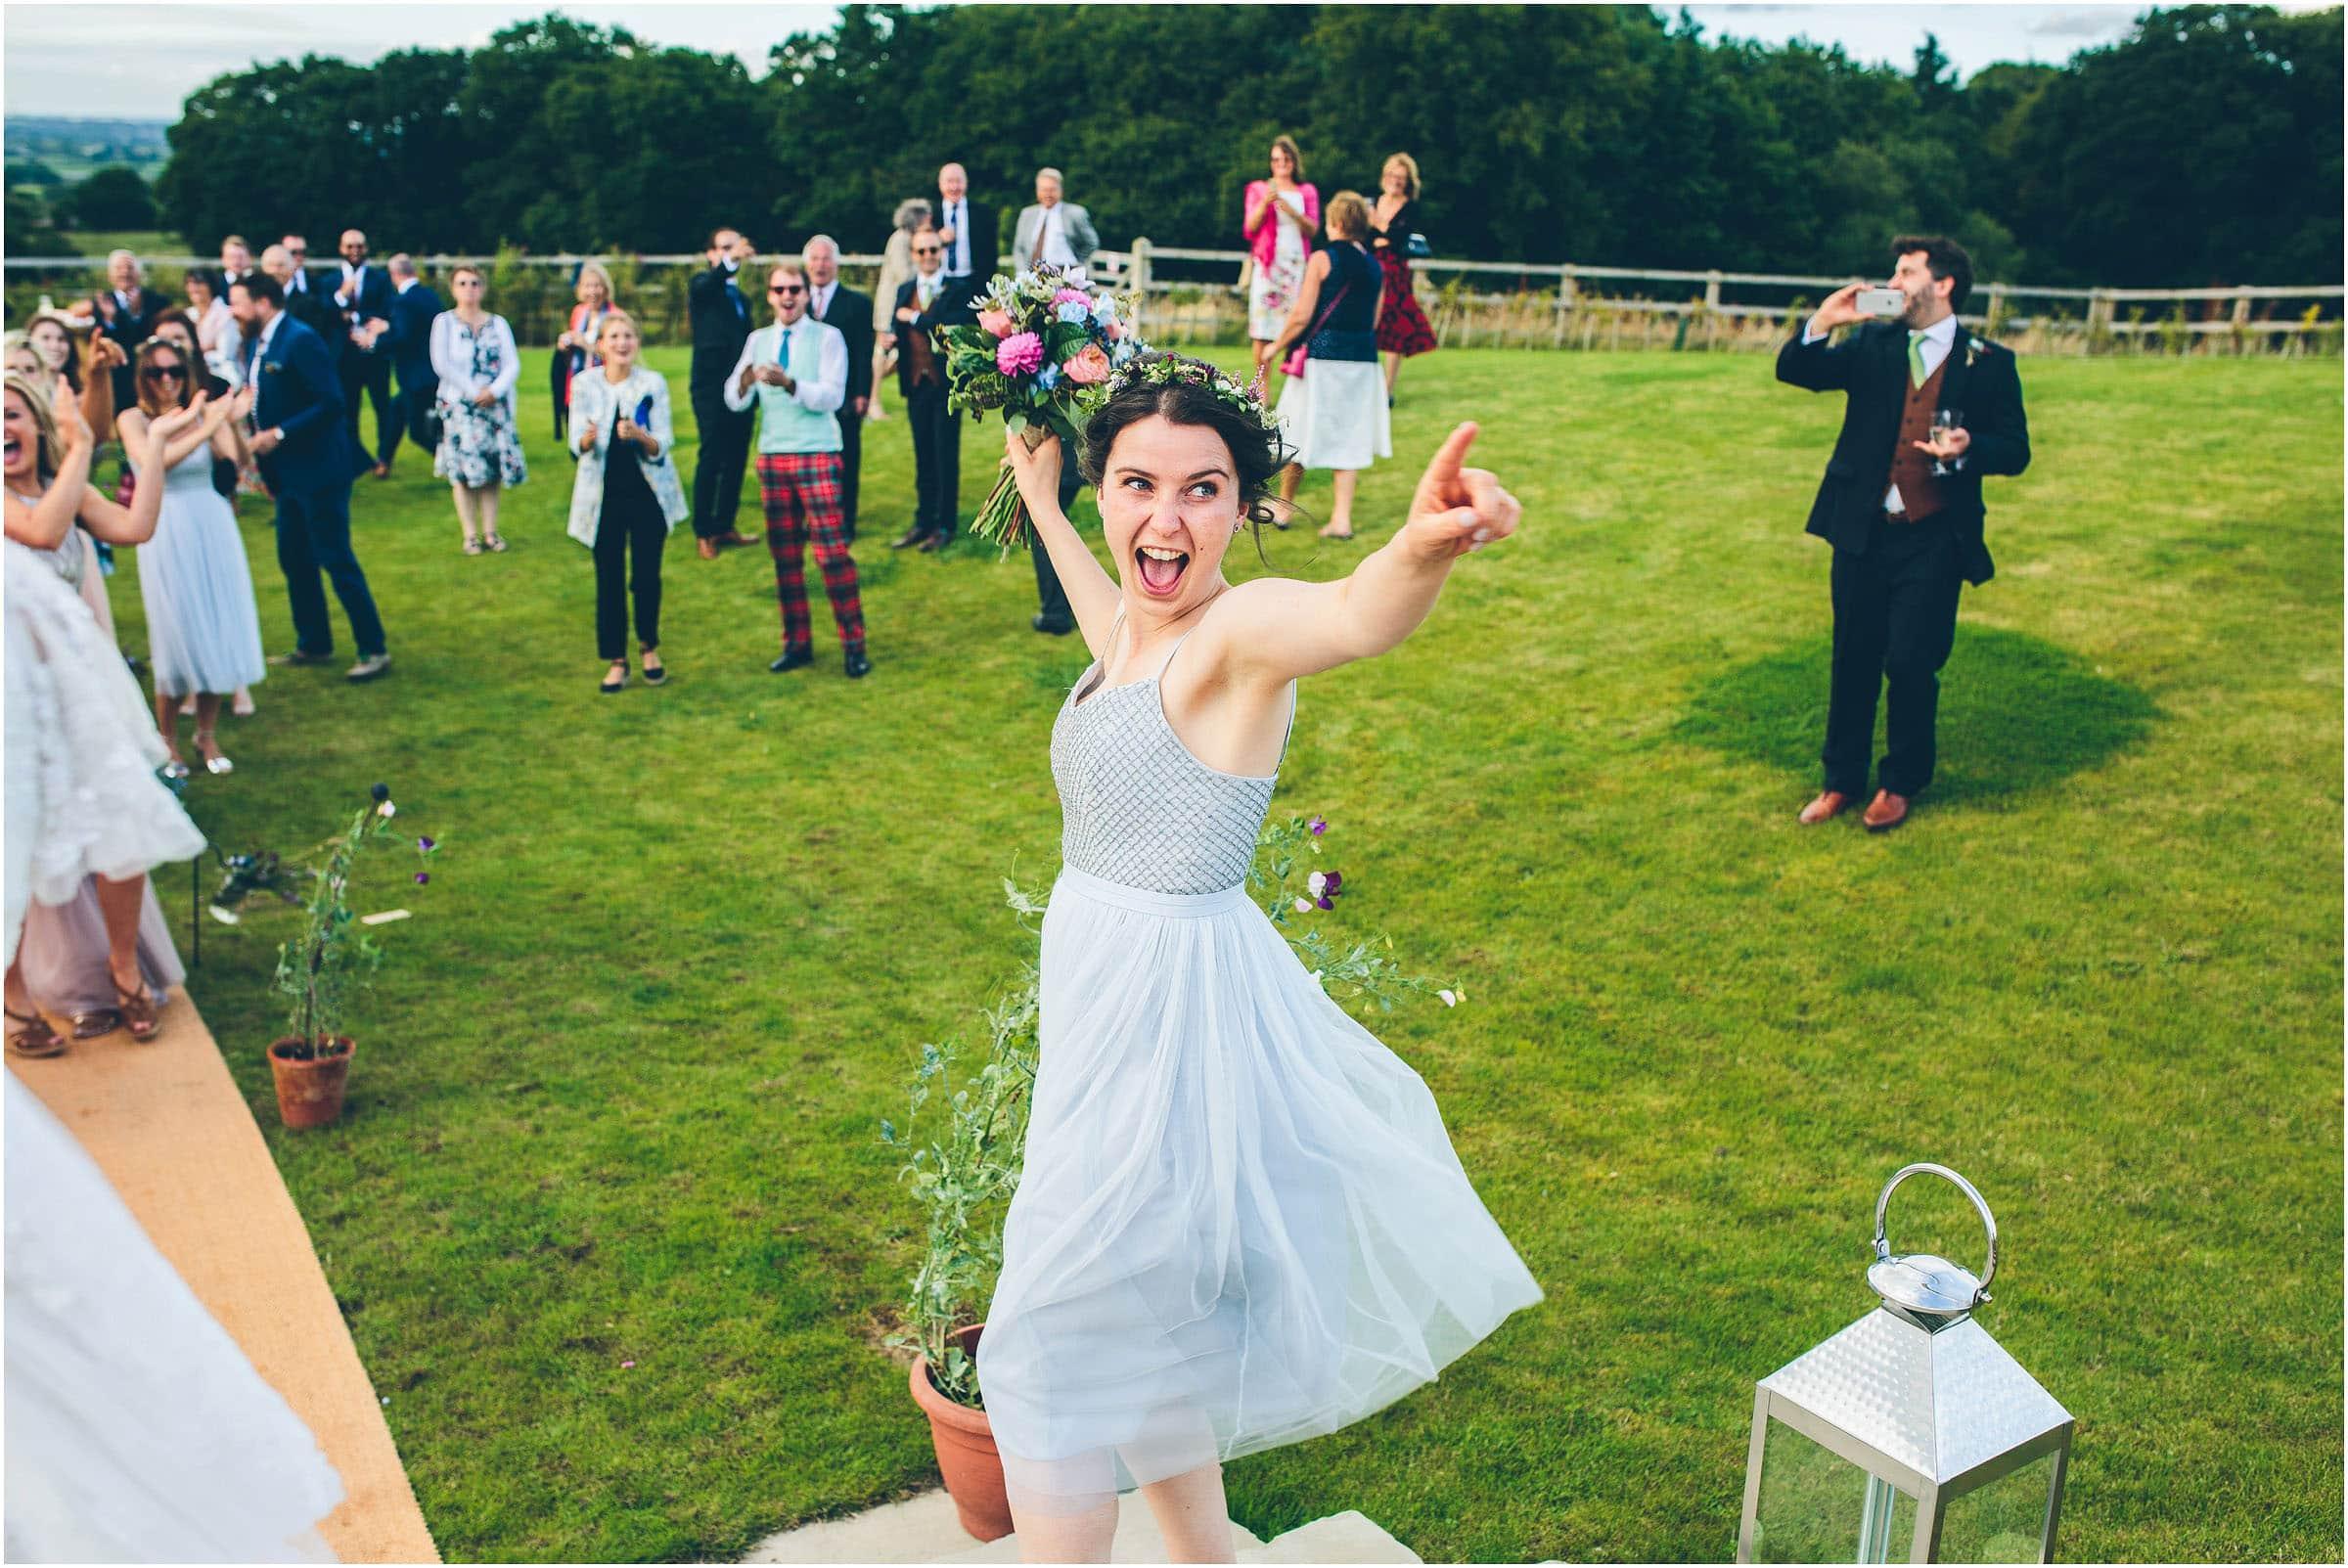 Harthill_Weddings_Wedding_Photography_0098